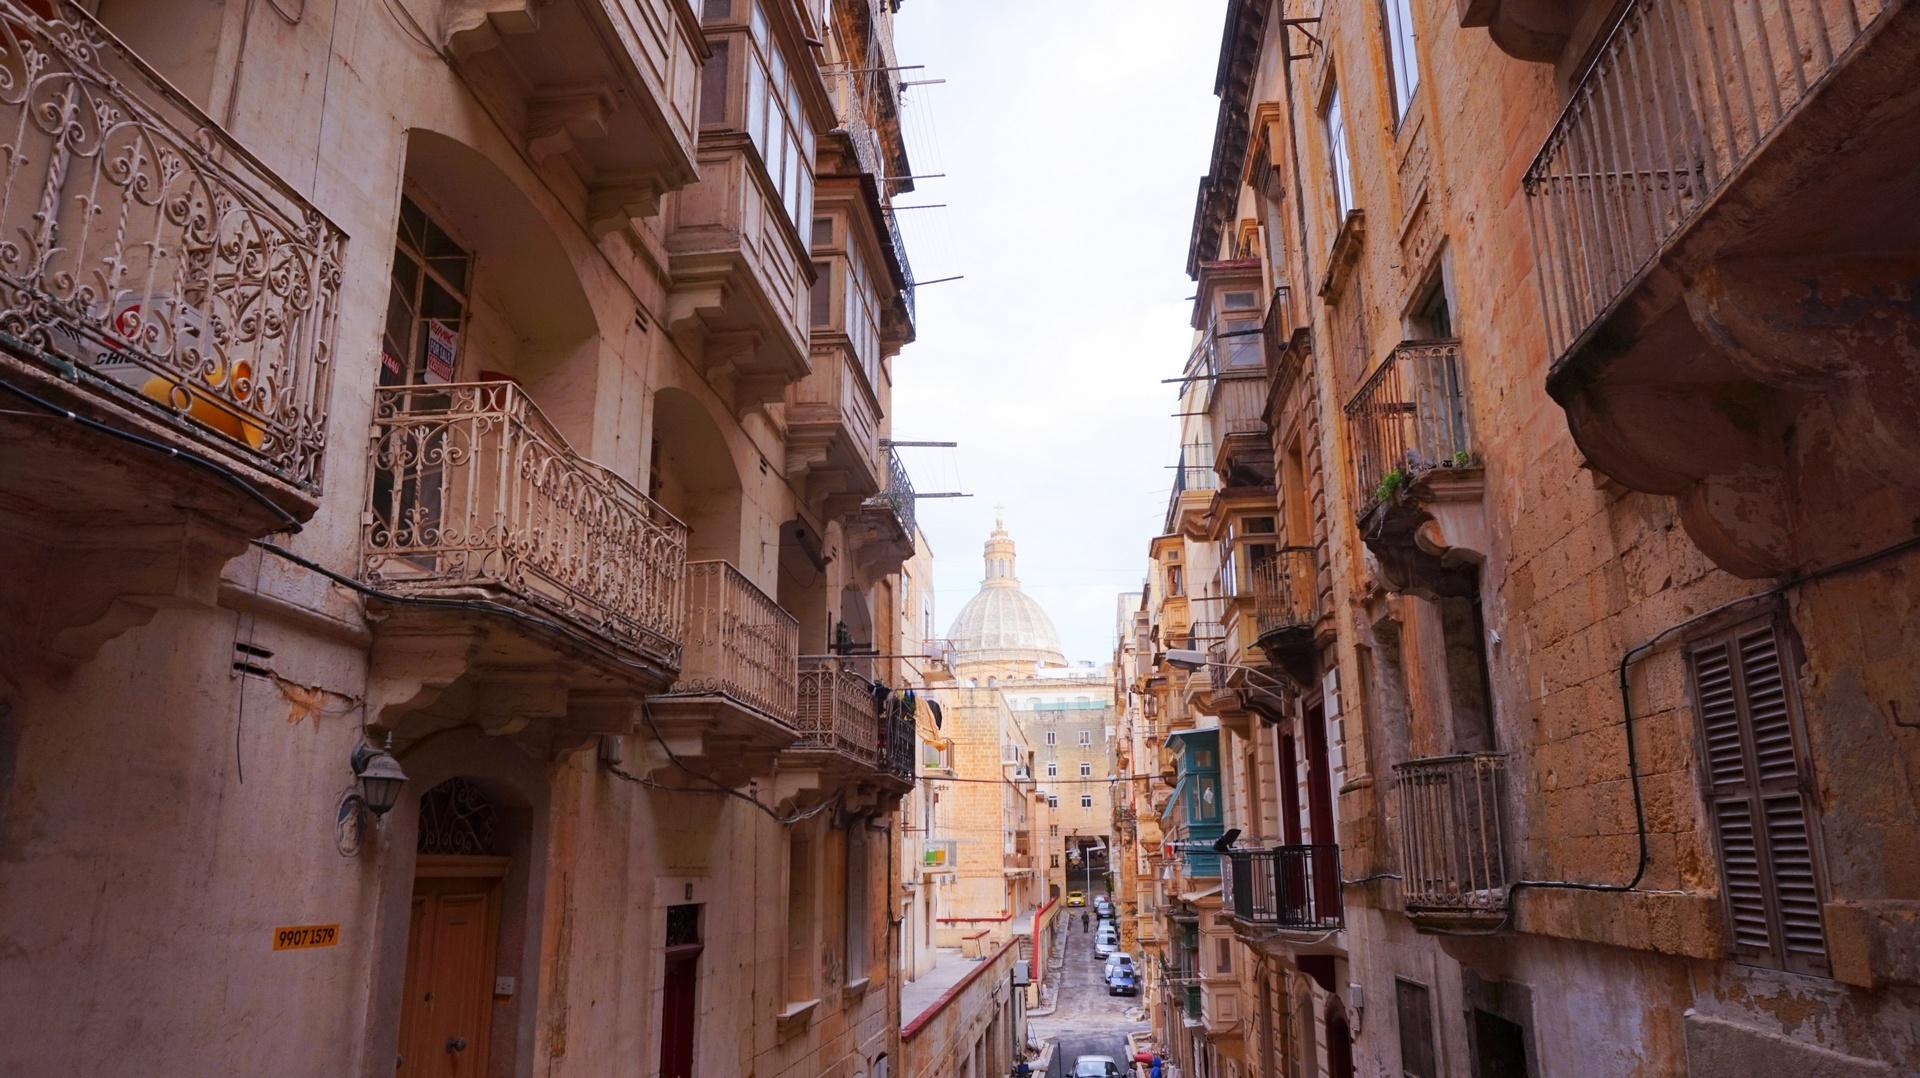 Sway the way Valletta, Malta | Sway the way